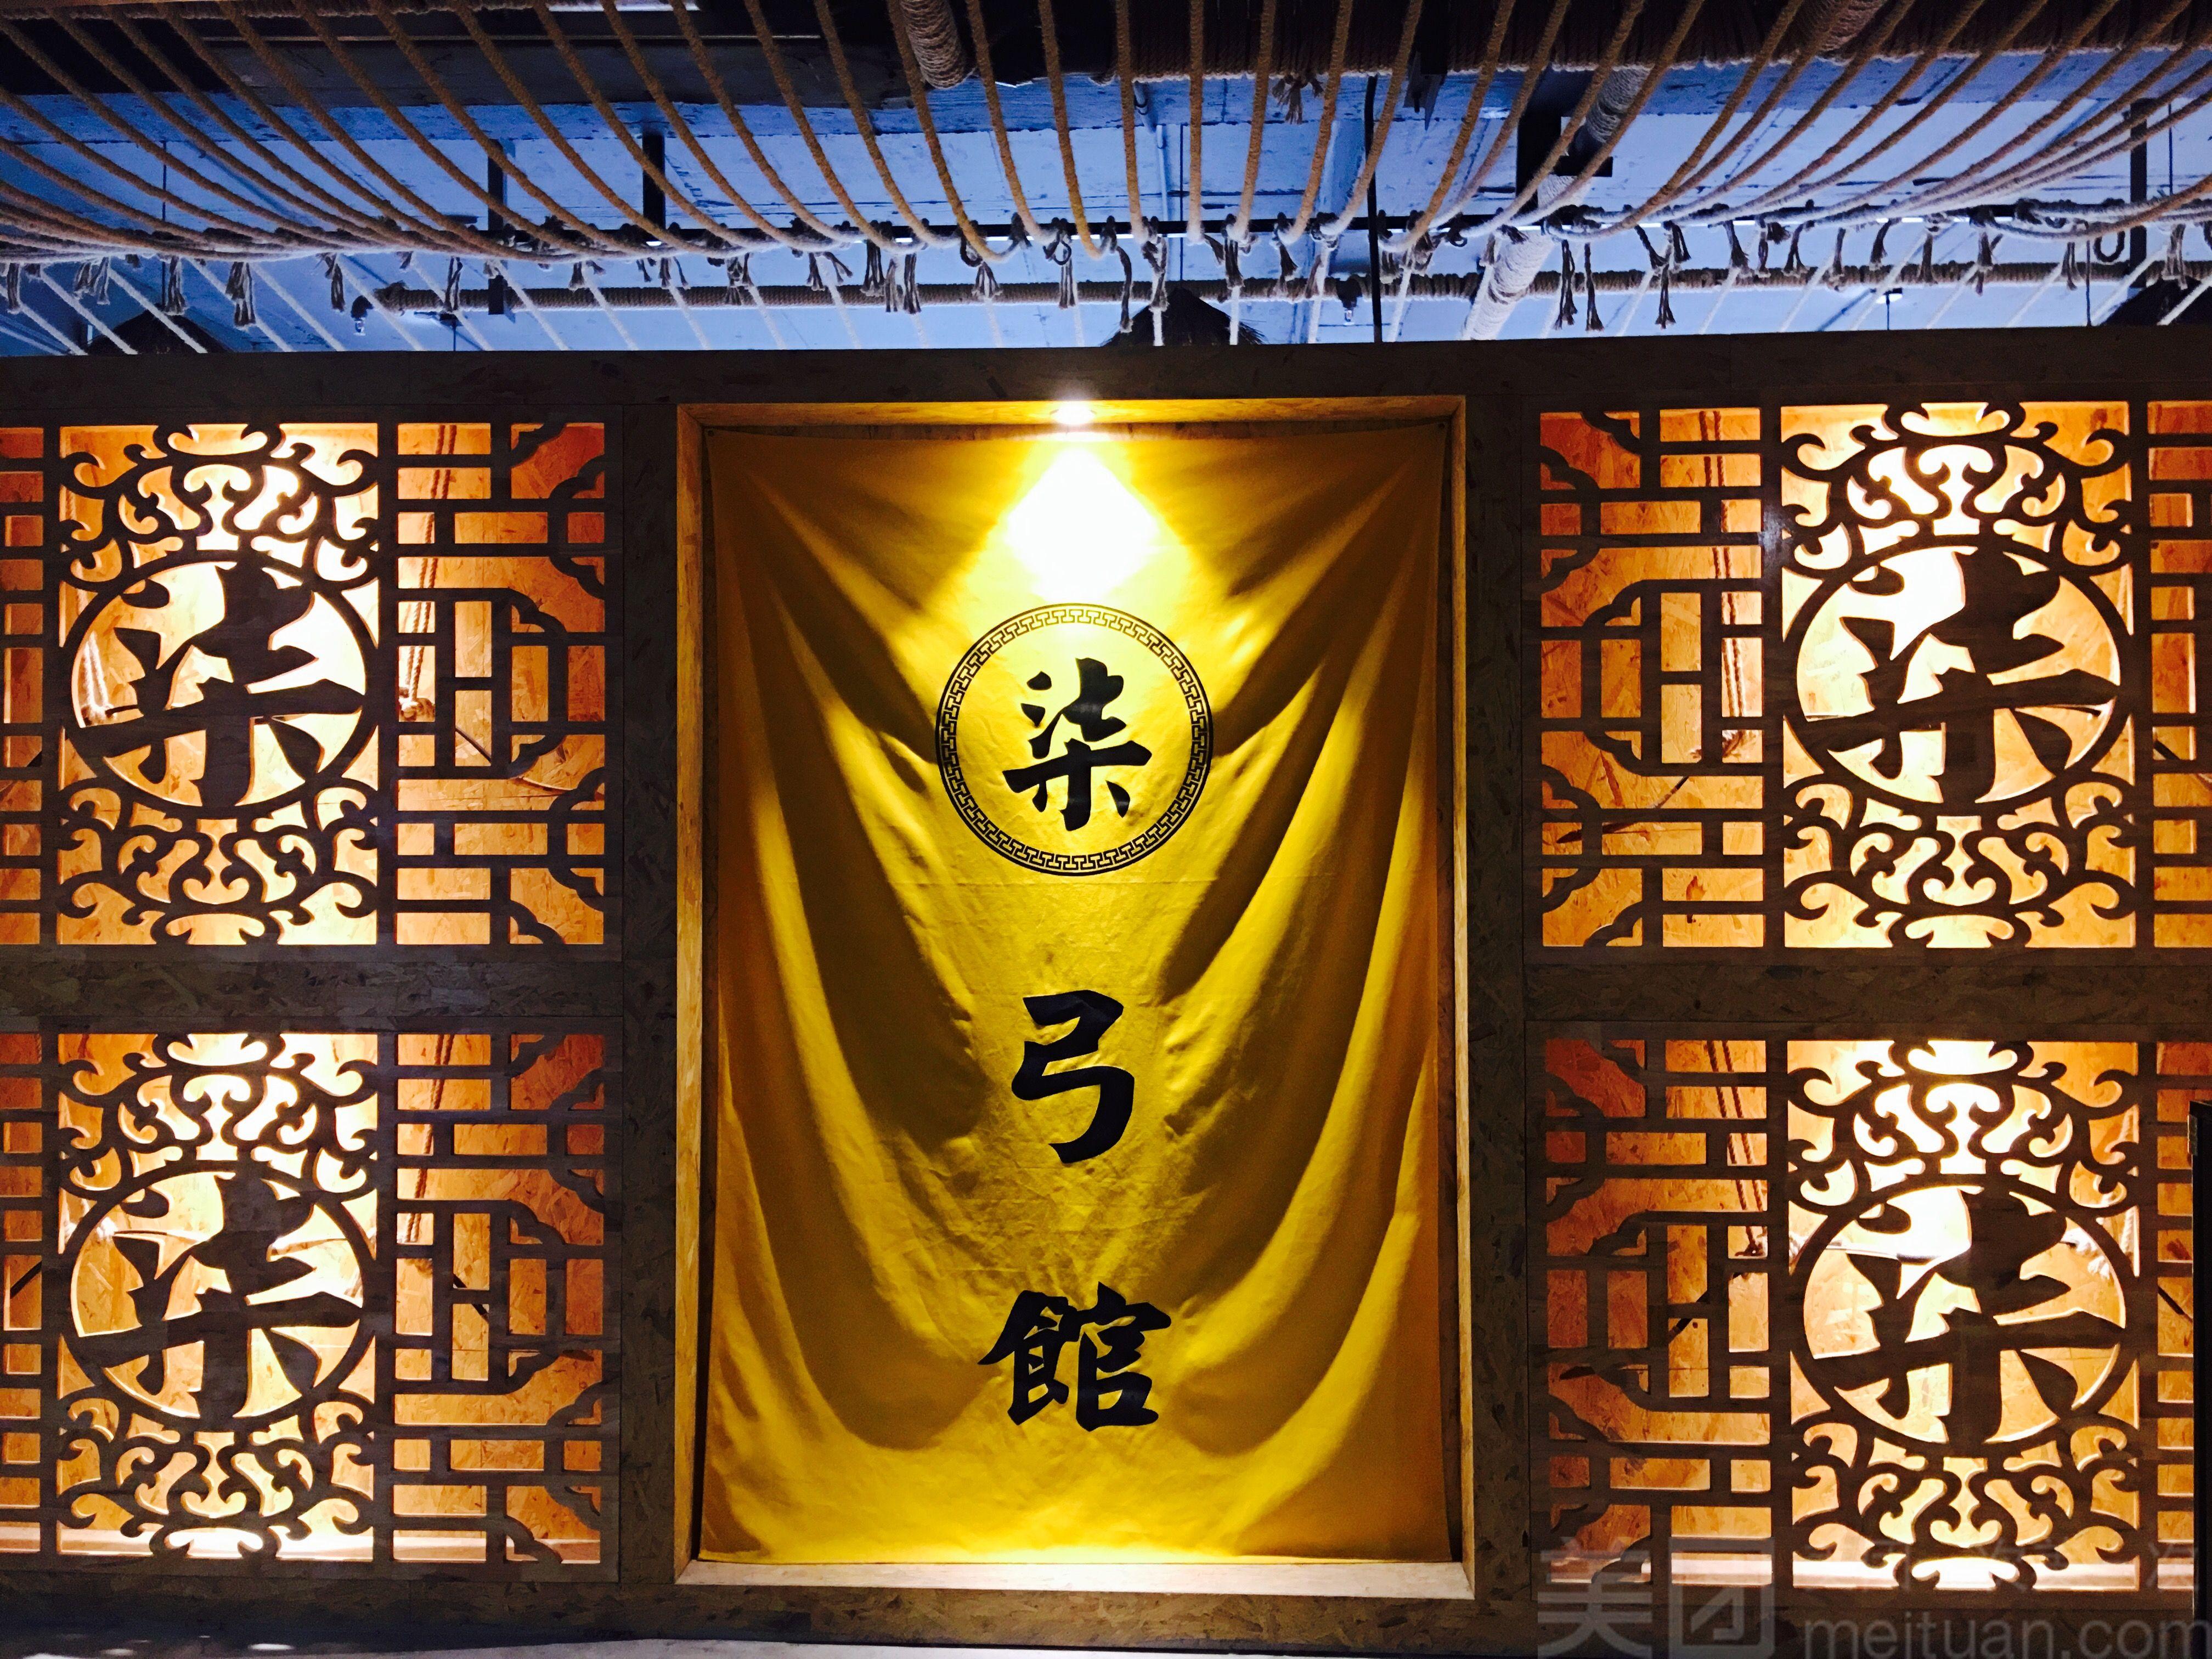 :长沙今日钱柜娱乐官网:【柒弓馆射箭俱乐部】柒弓馆单人射箭体验1组